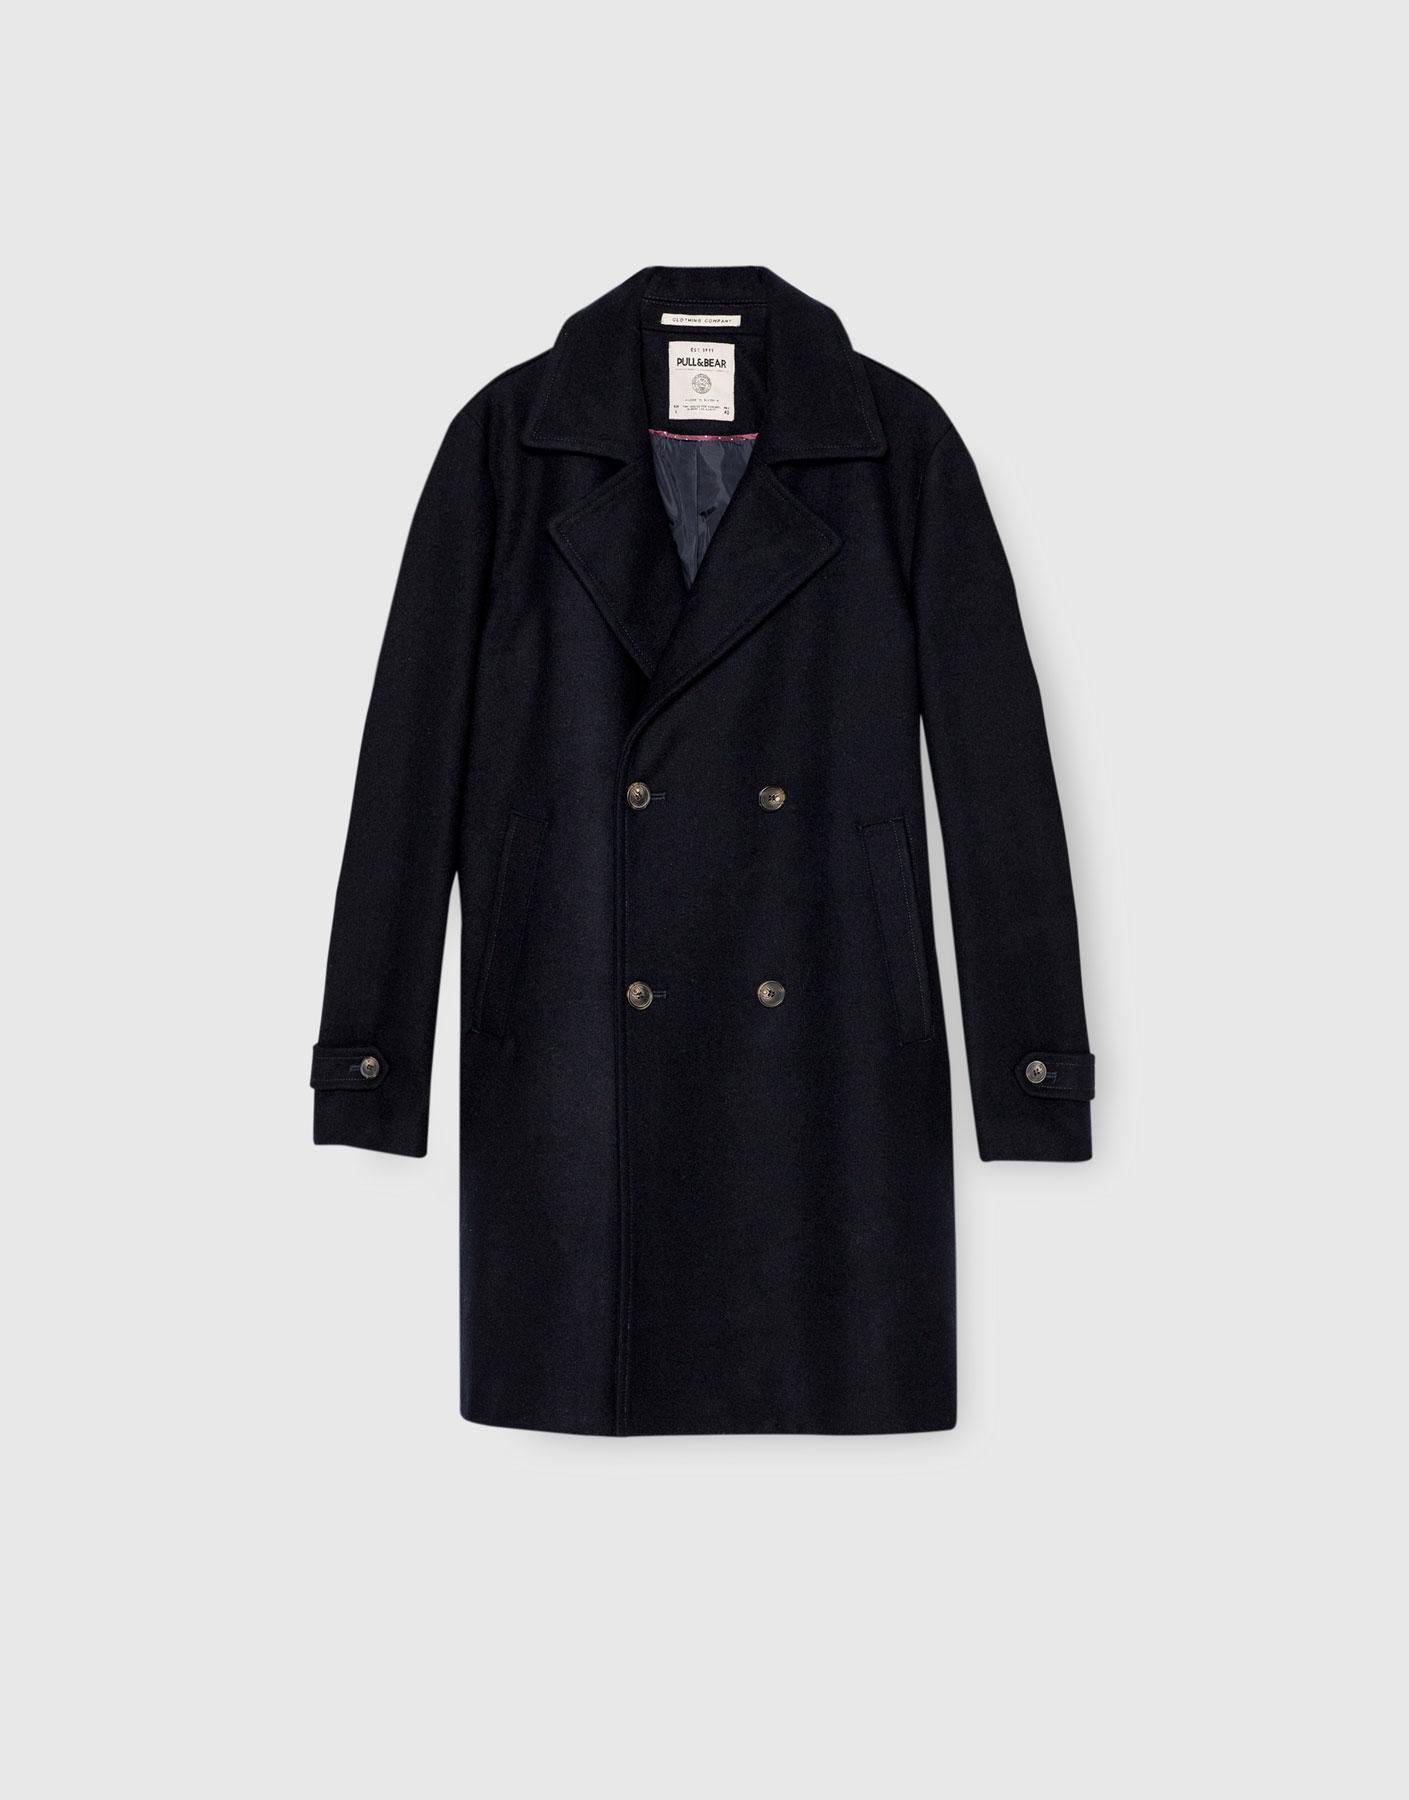 Double-breasted cloth coat, £89.99 ( pullandbear.com )